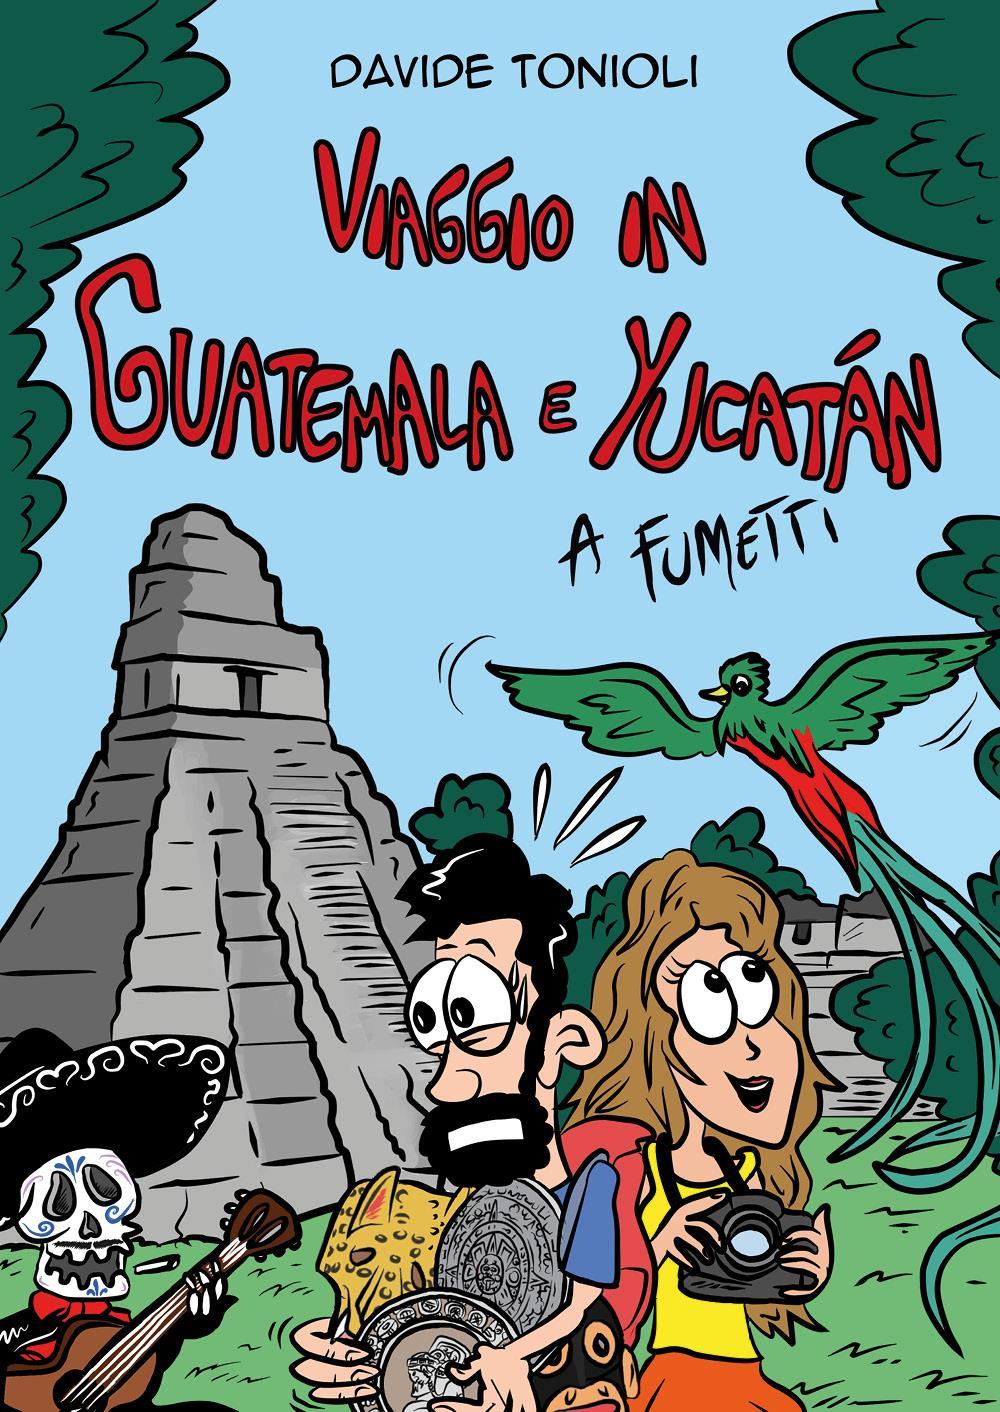 Viaggio in Guatemala e Yucatán a fumetti